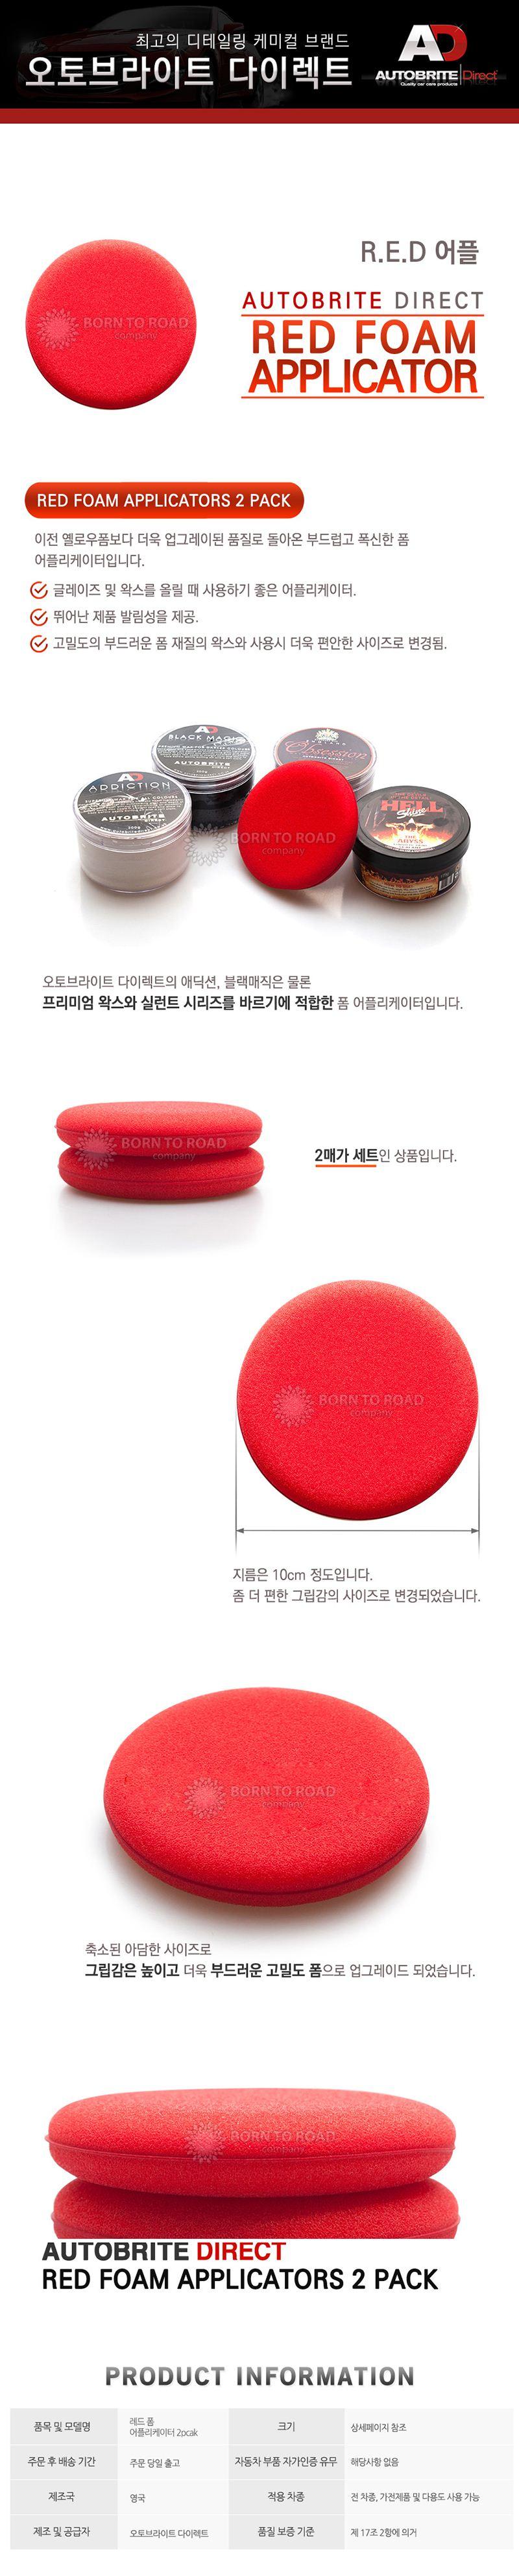 red_foam_applicators_btr.jpg